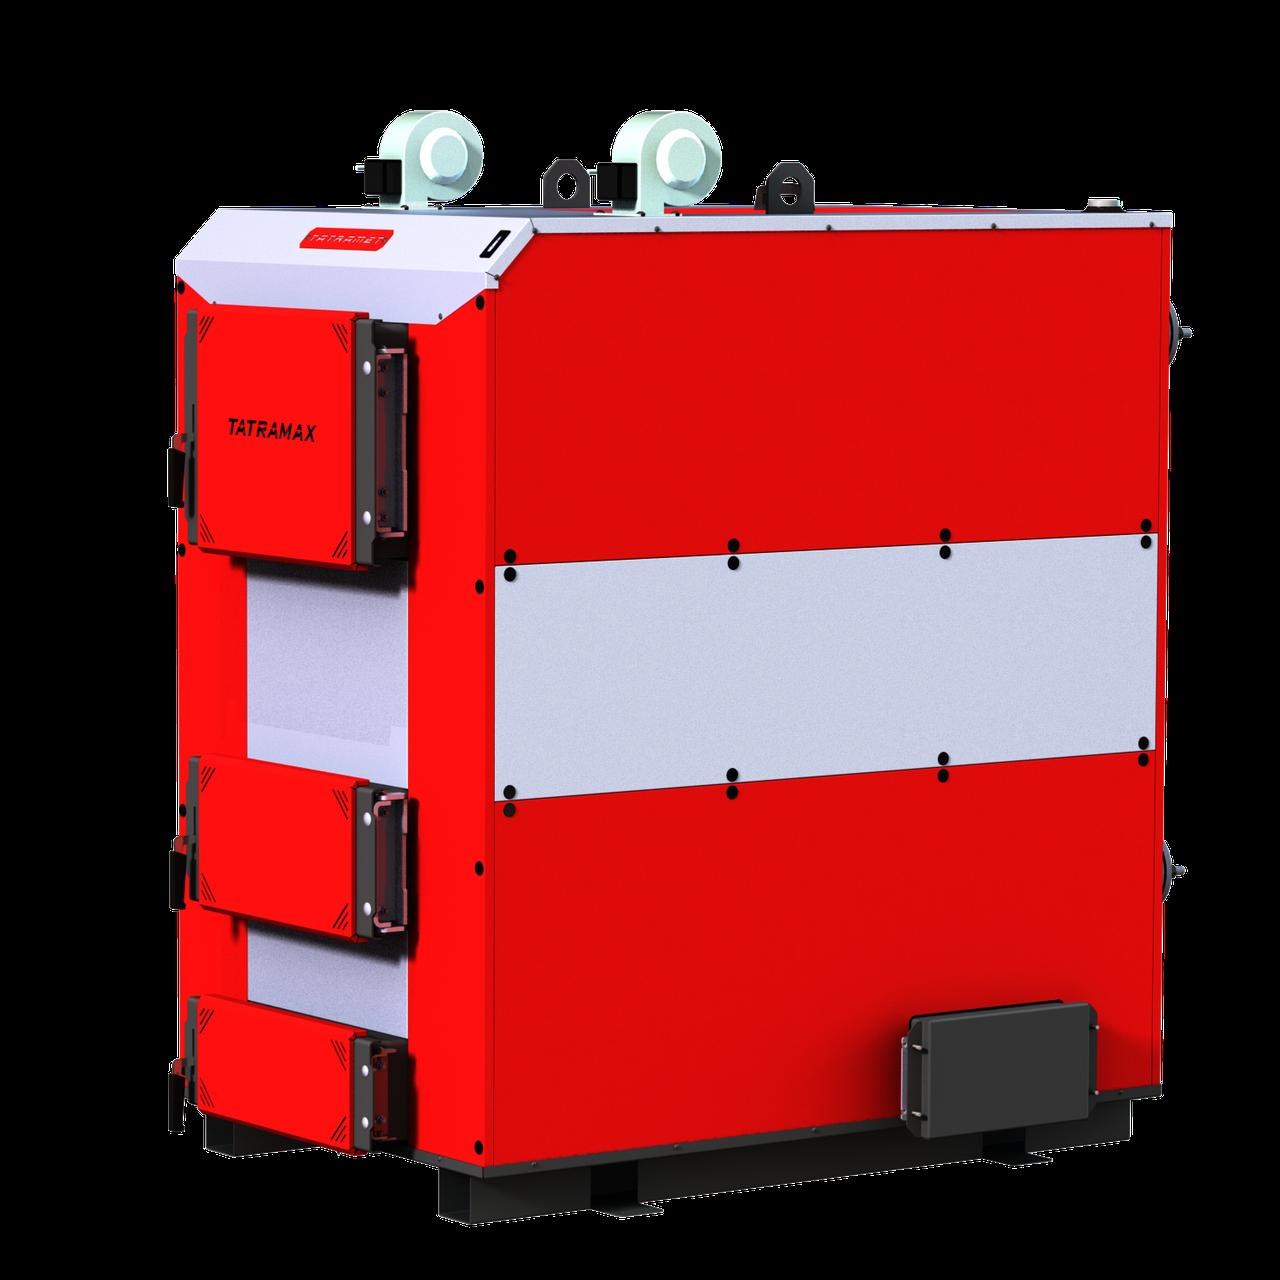 Промисловий котел з ручним завантаженням палива TATRAMET MAX (ТАТРАМЕТ МАКС)потужність: 200 квт, товщина стали: 6мм